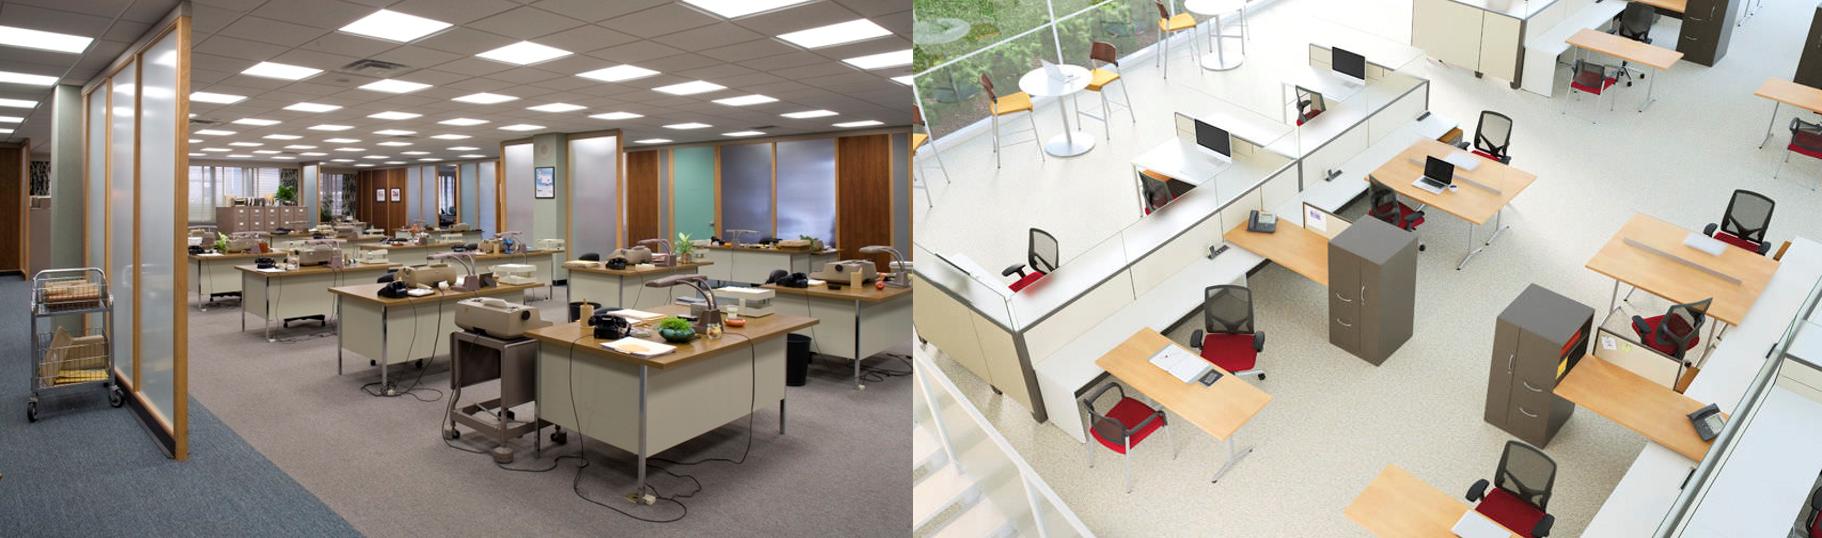 Distribuci n dise o y creaci n de oficinas corporativas ayer y hoy c3 design allsteel c3 for Distribucion oficinas